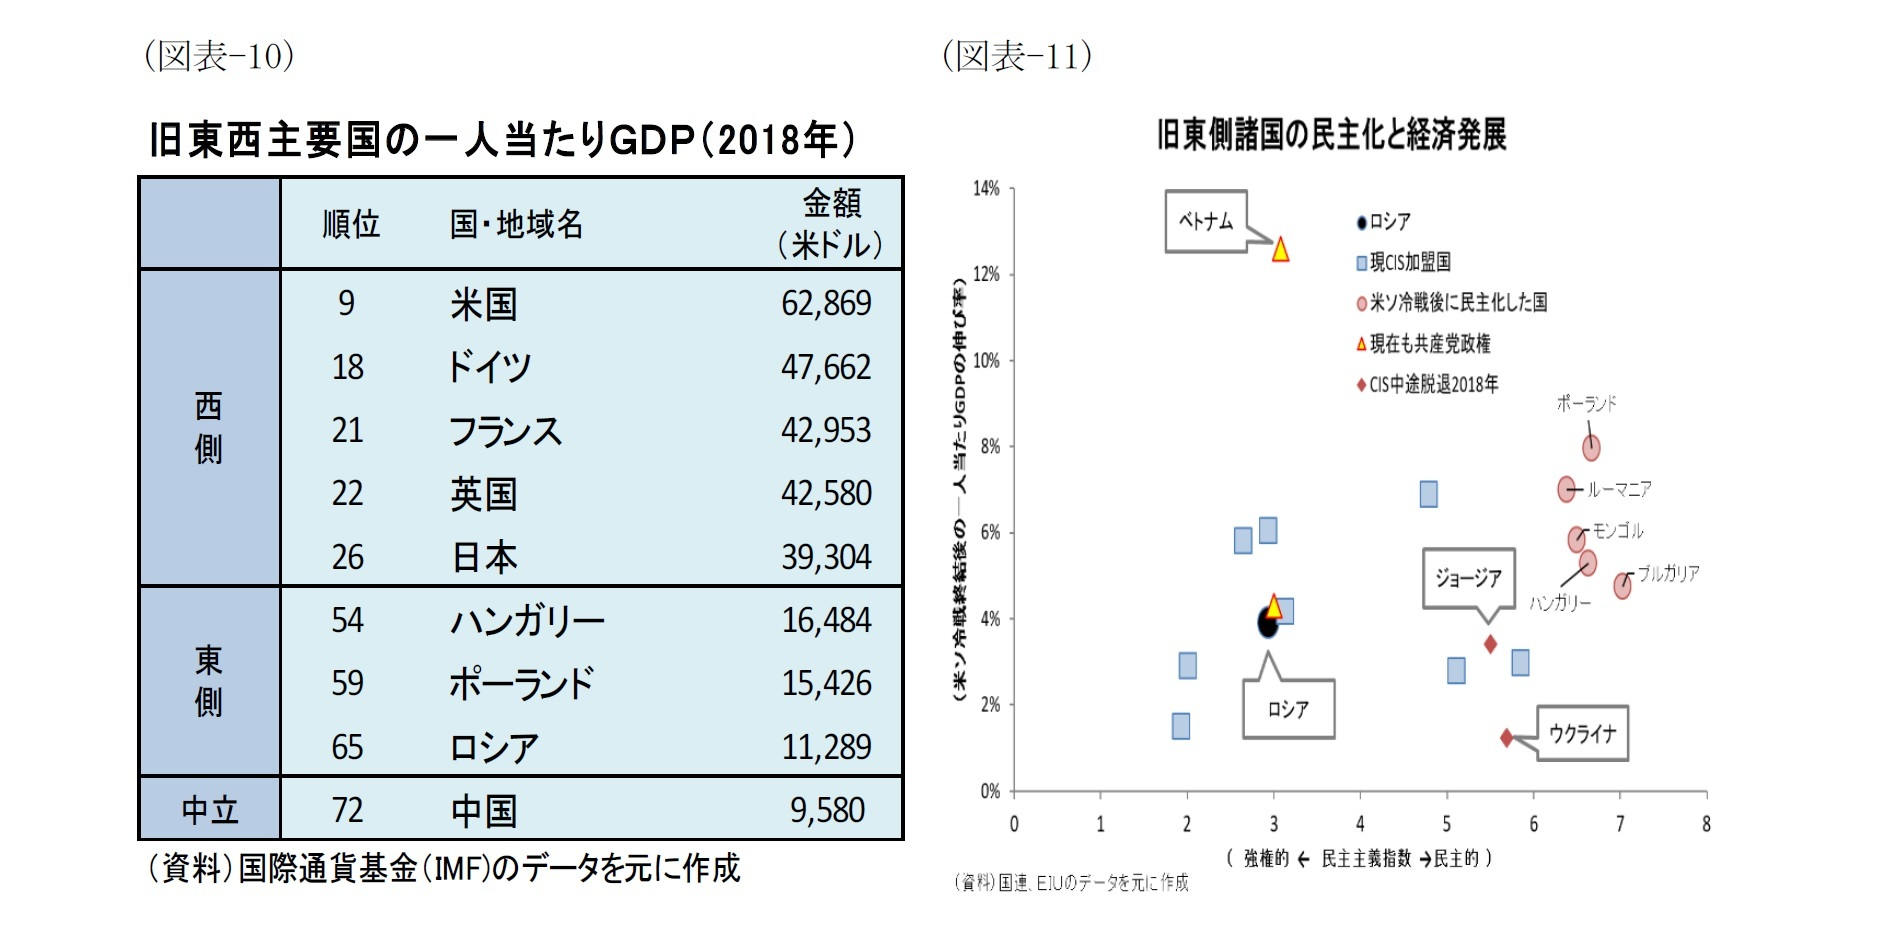 (図表-10)旧東西主要国の一人当たりGDP(2018年)/(図表-11)旧東側諸国の民主化と経済発展